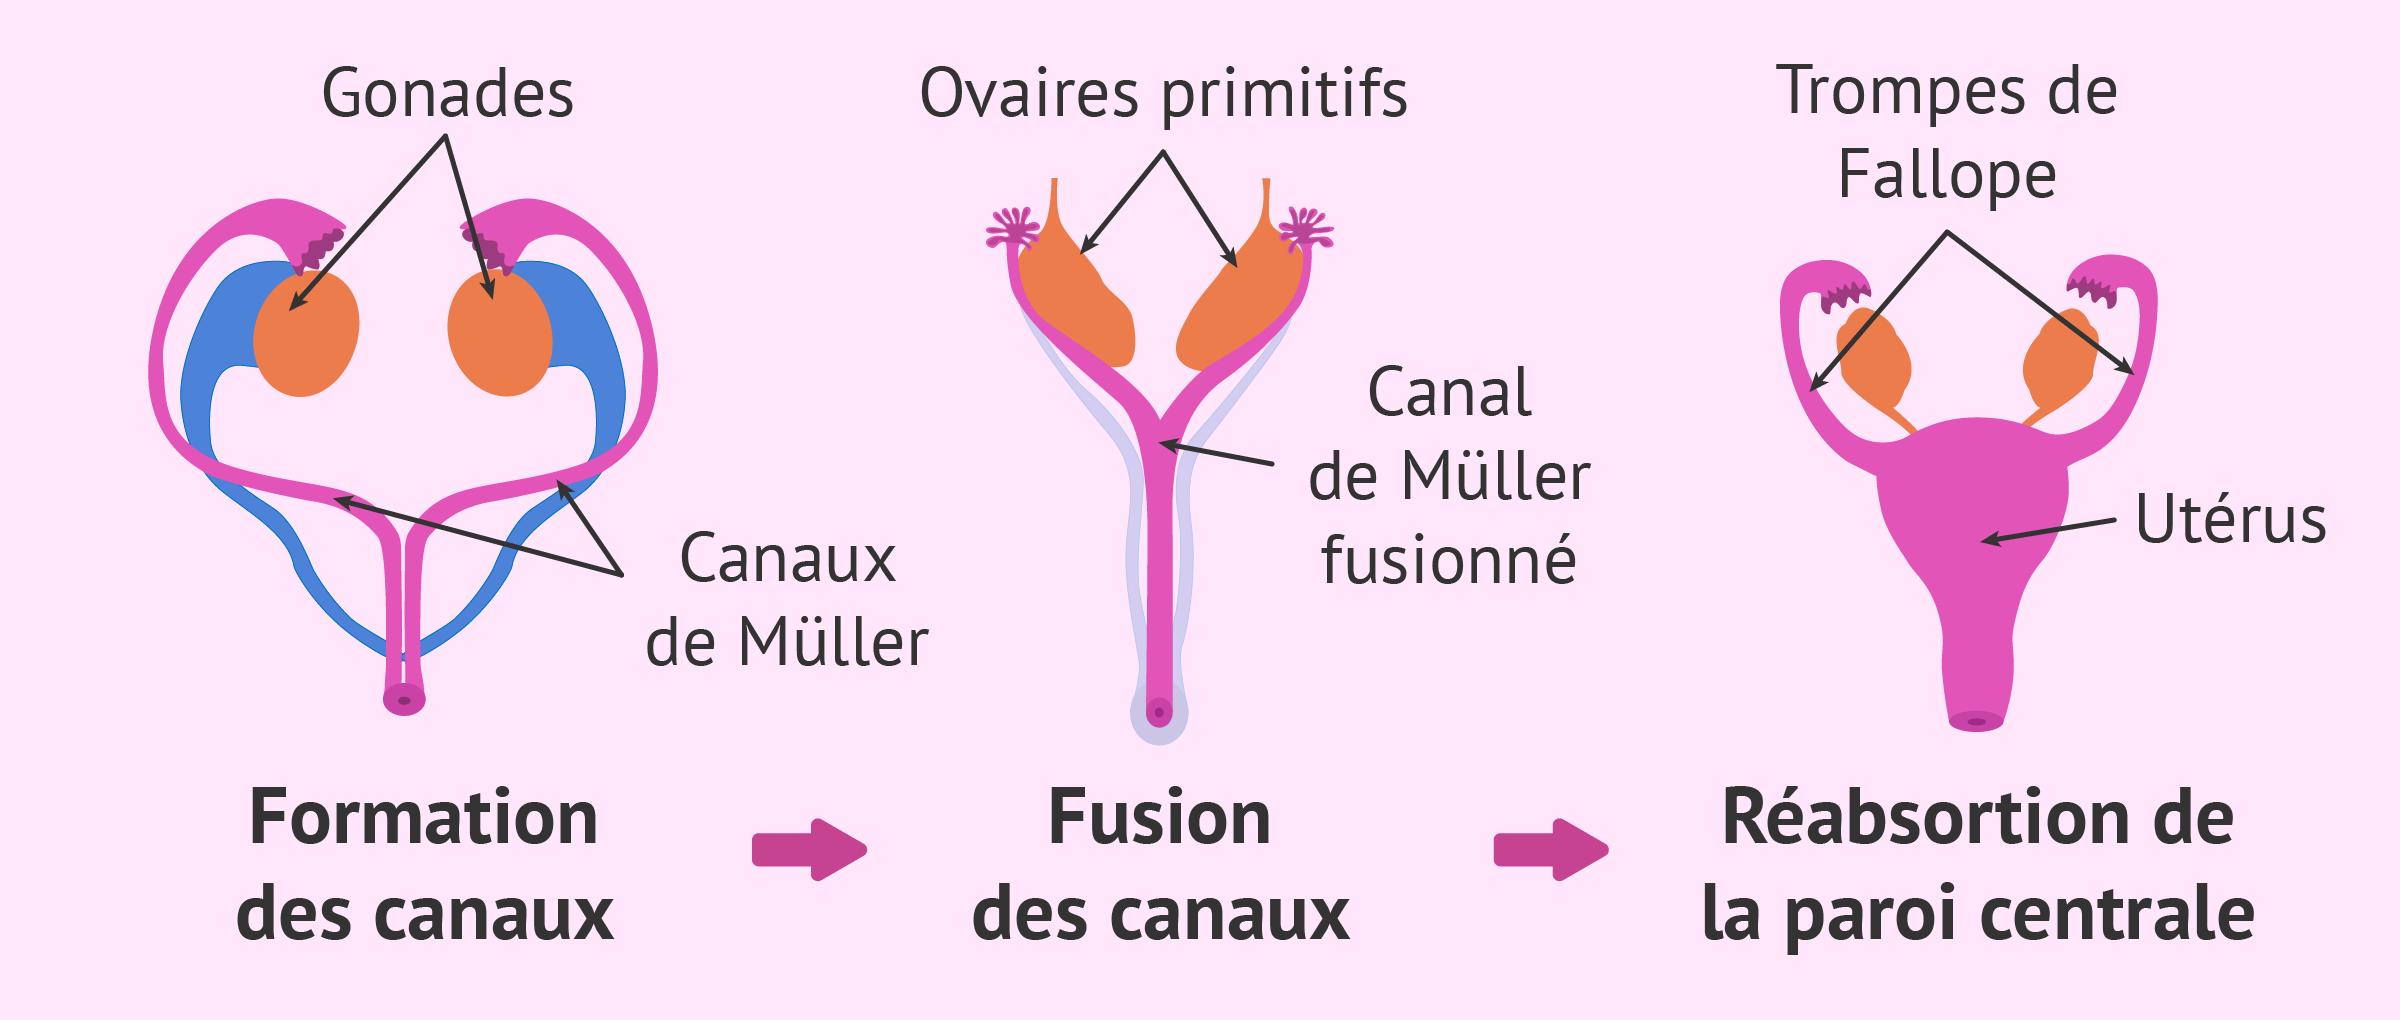 Formation de l'utérus pendant le développement embryonnaire